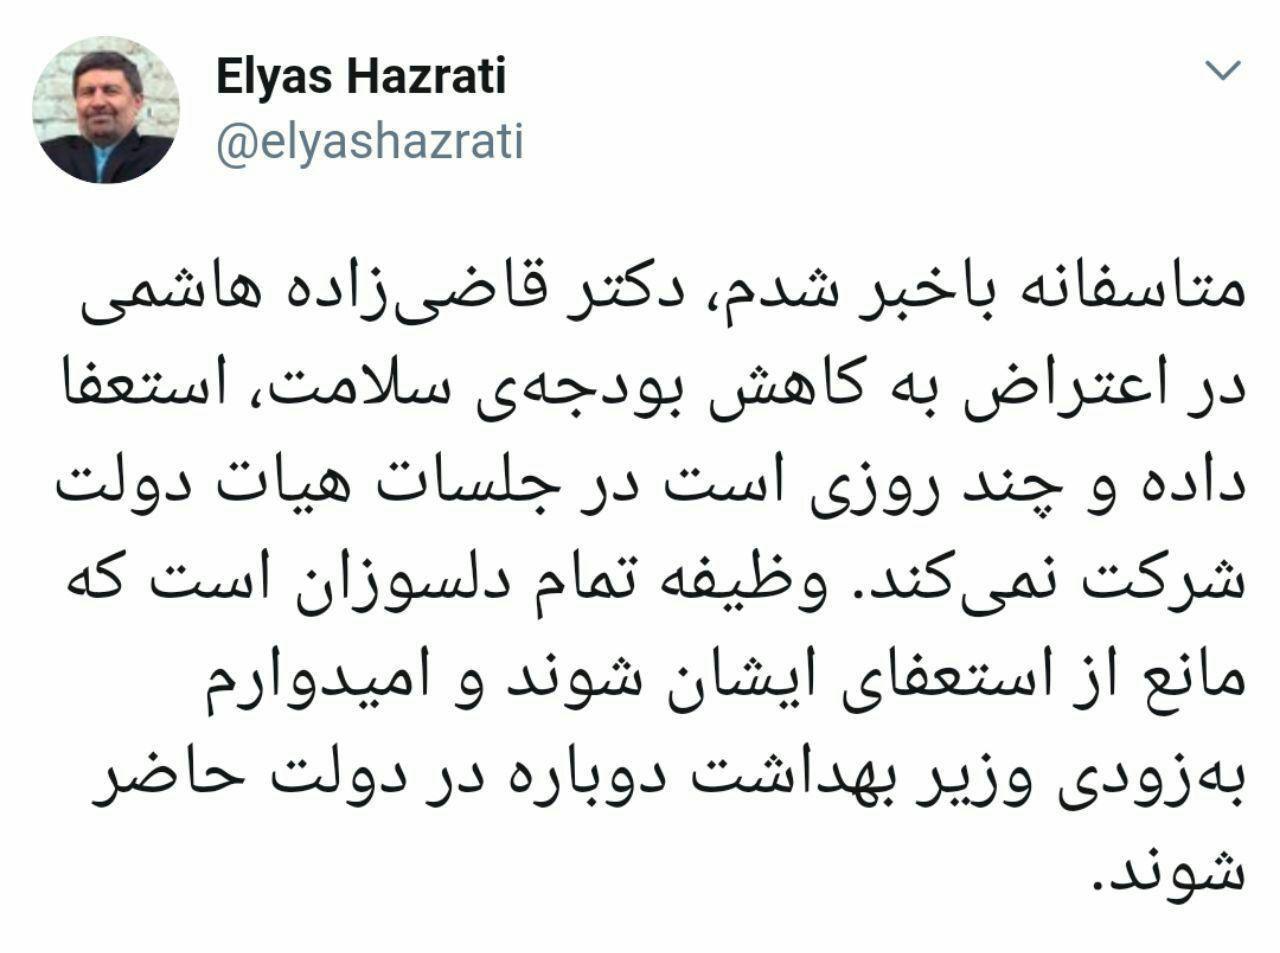 حضرتی: وزیر بهداشت استعفا داد - 0